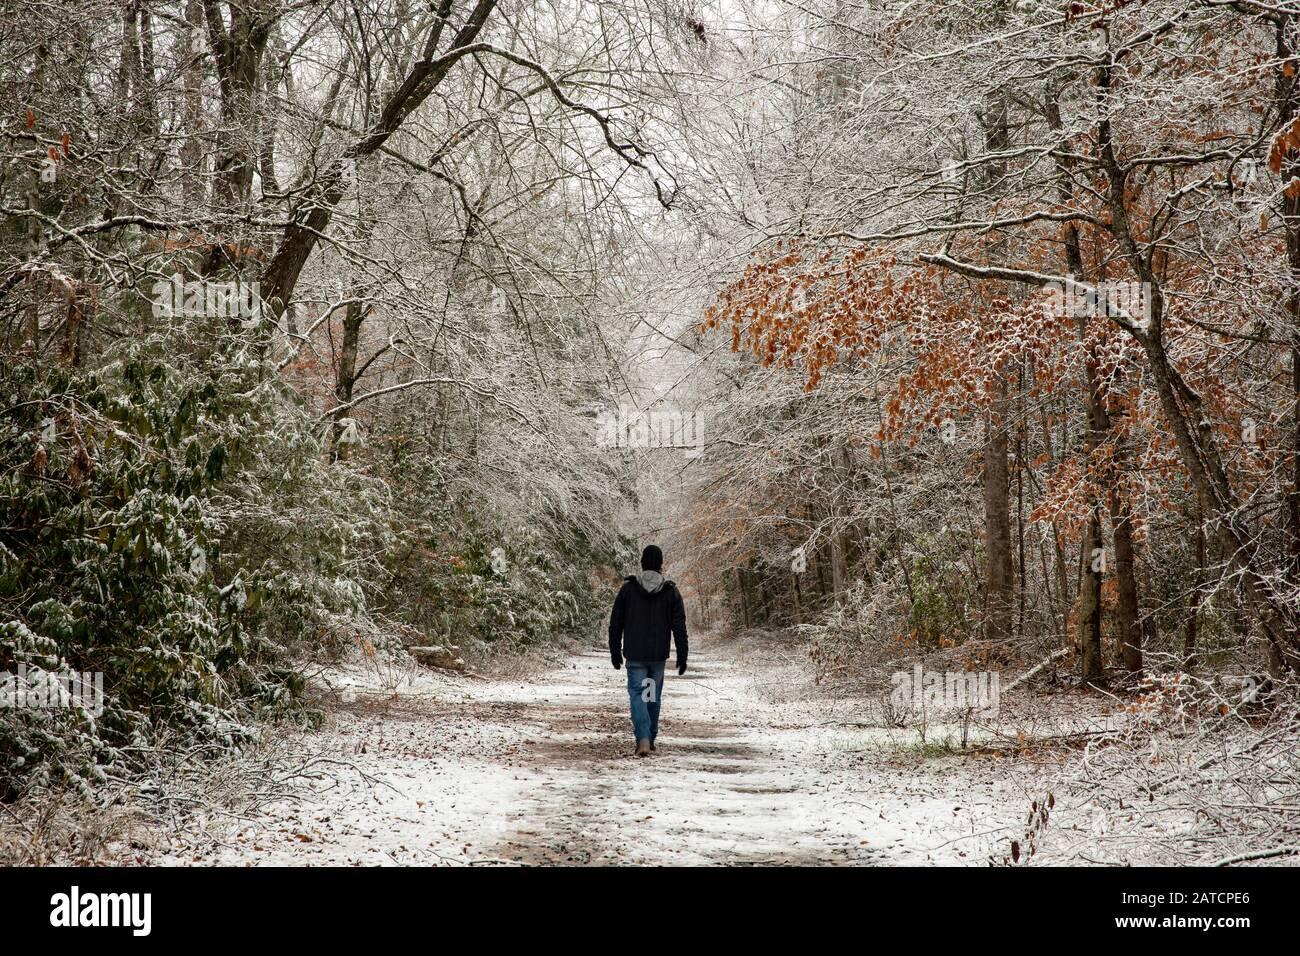 Randonneur sur un sentier enneigé dans la forêt nationale de Pisgah, près de Brevard, Caroline du Nord, États-Unis Banque D'Images